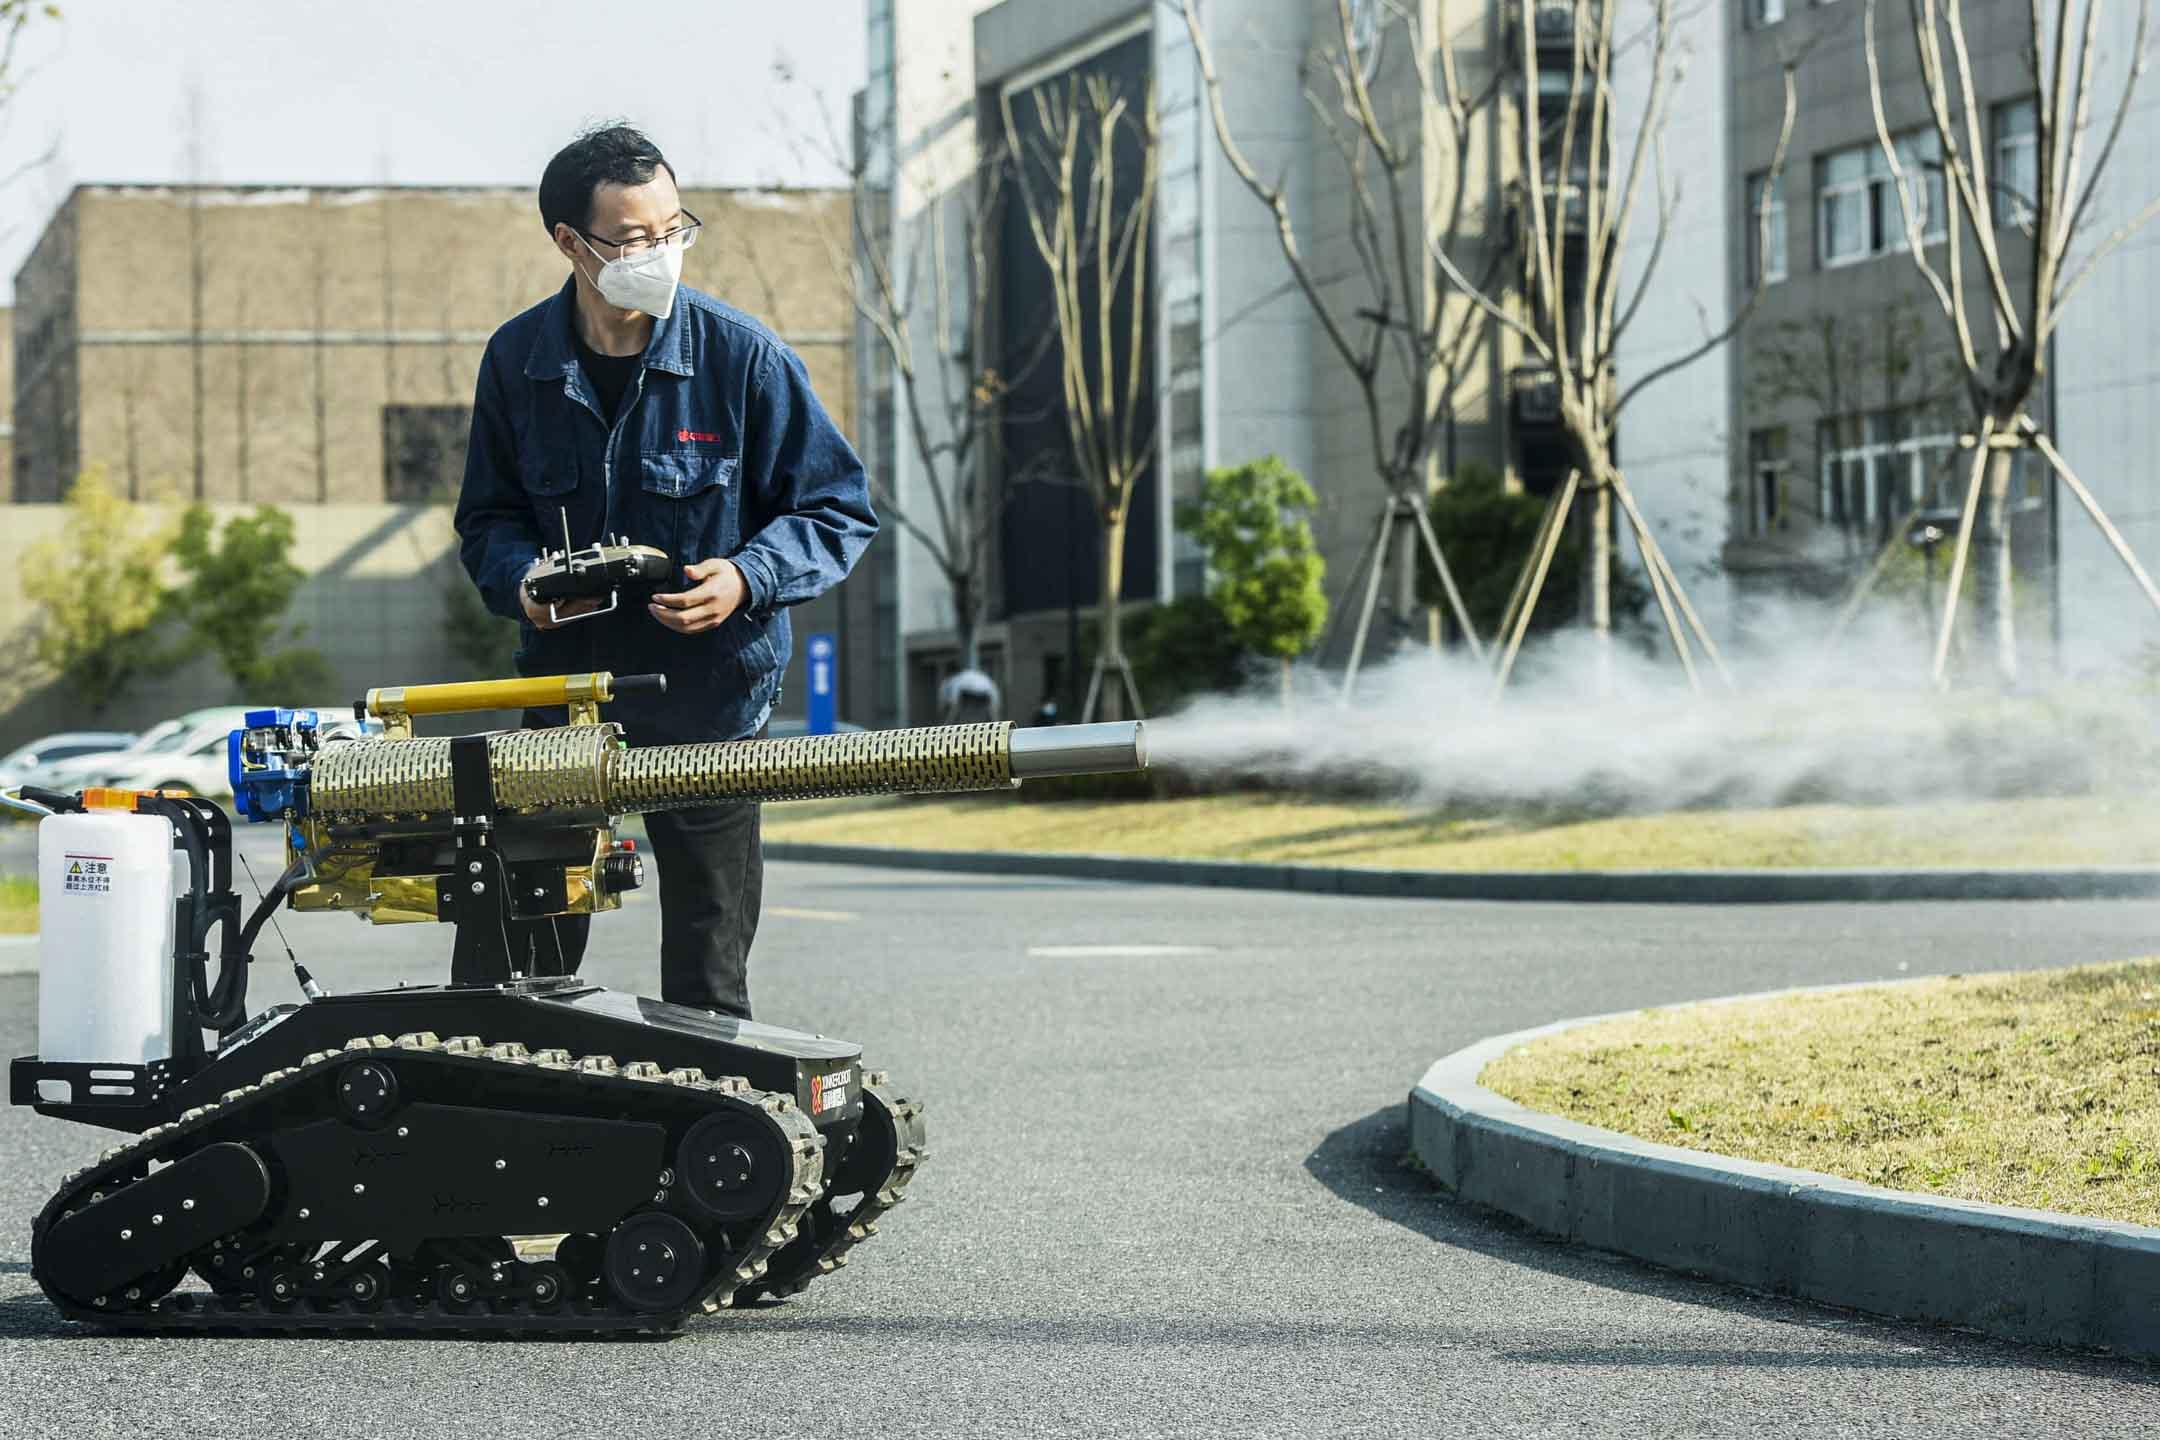 2020年2月25日,杭州市蕭山區,有人用智能機器人「雷神1號」進行消毒。 圖:IC photo